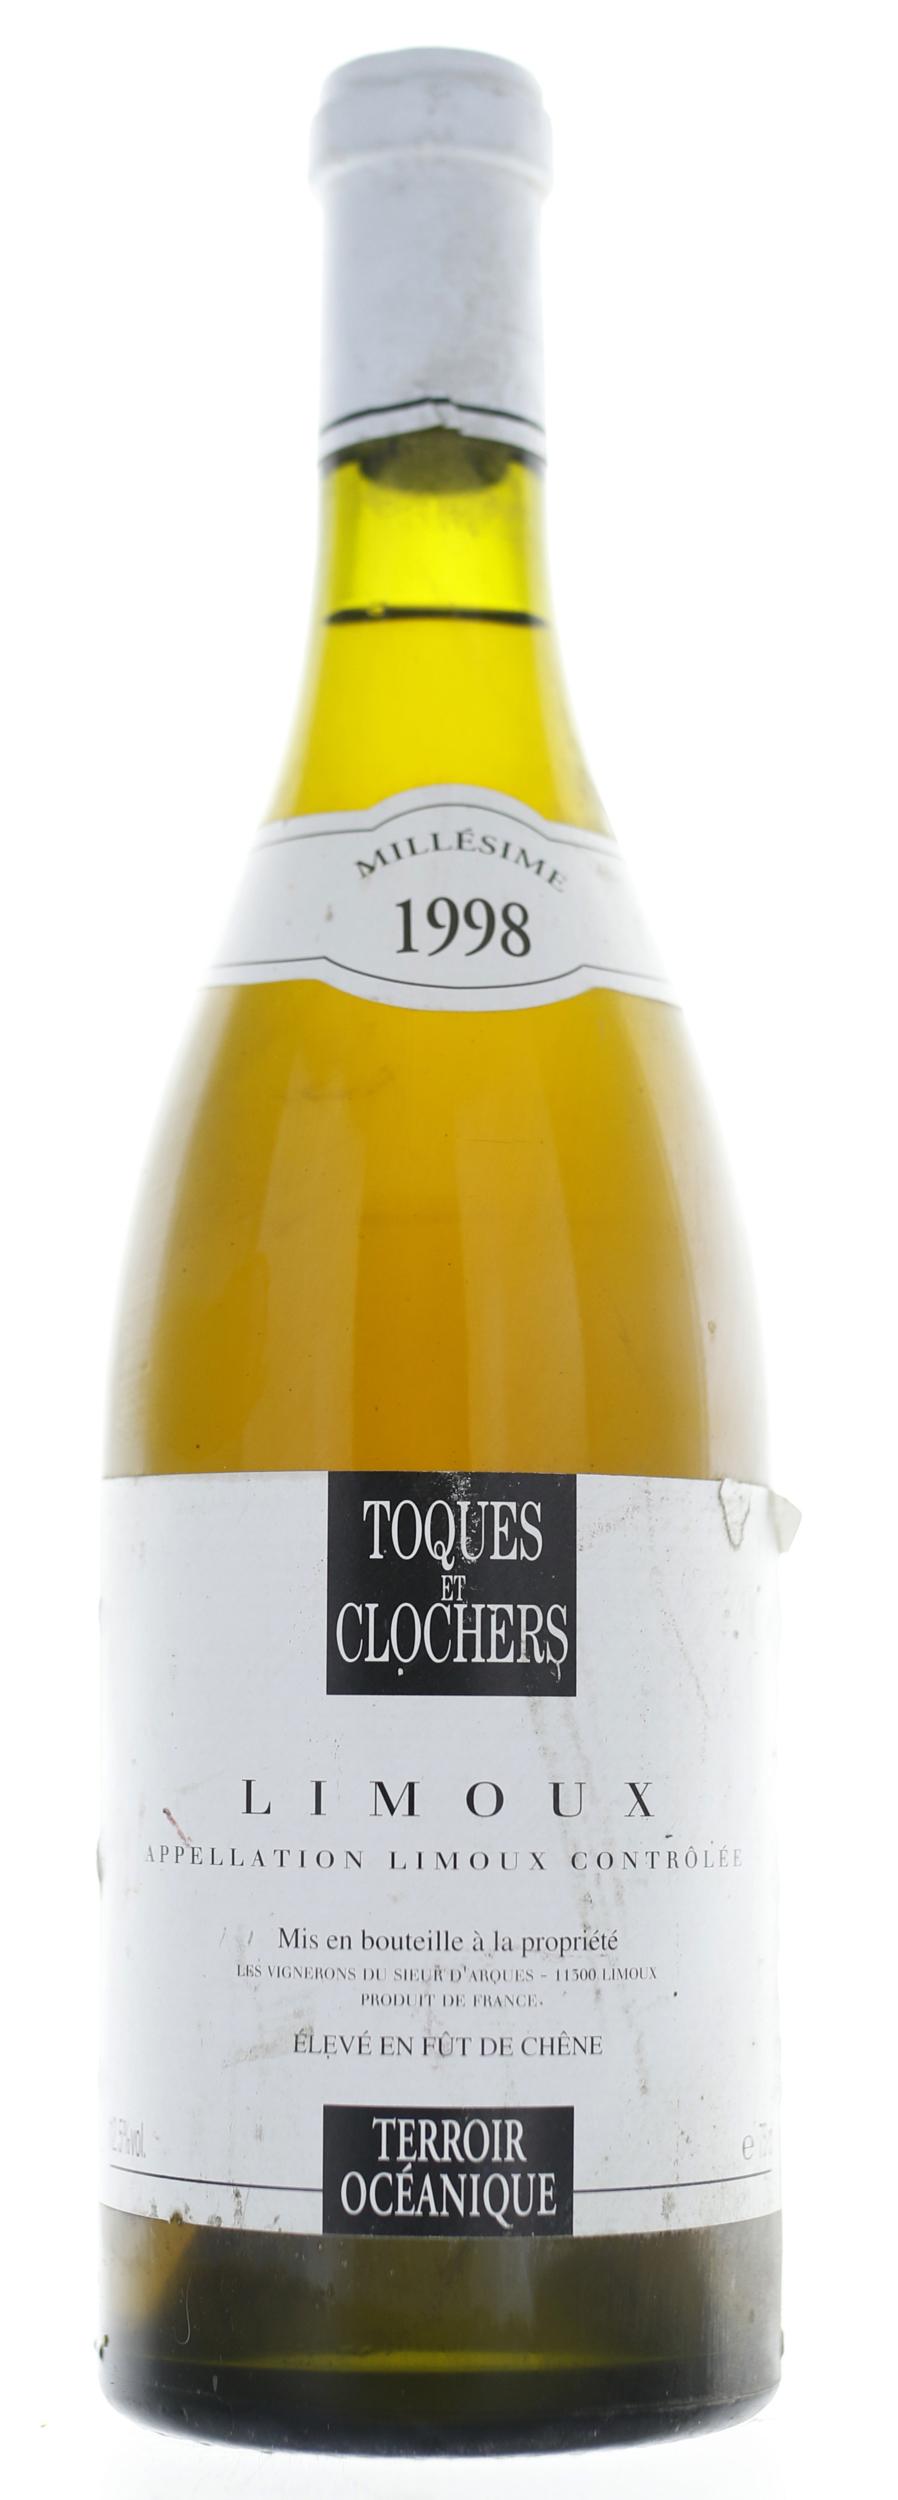 Limoux - Toques et Clochers Terroir Oceanique - 1998